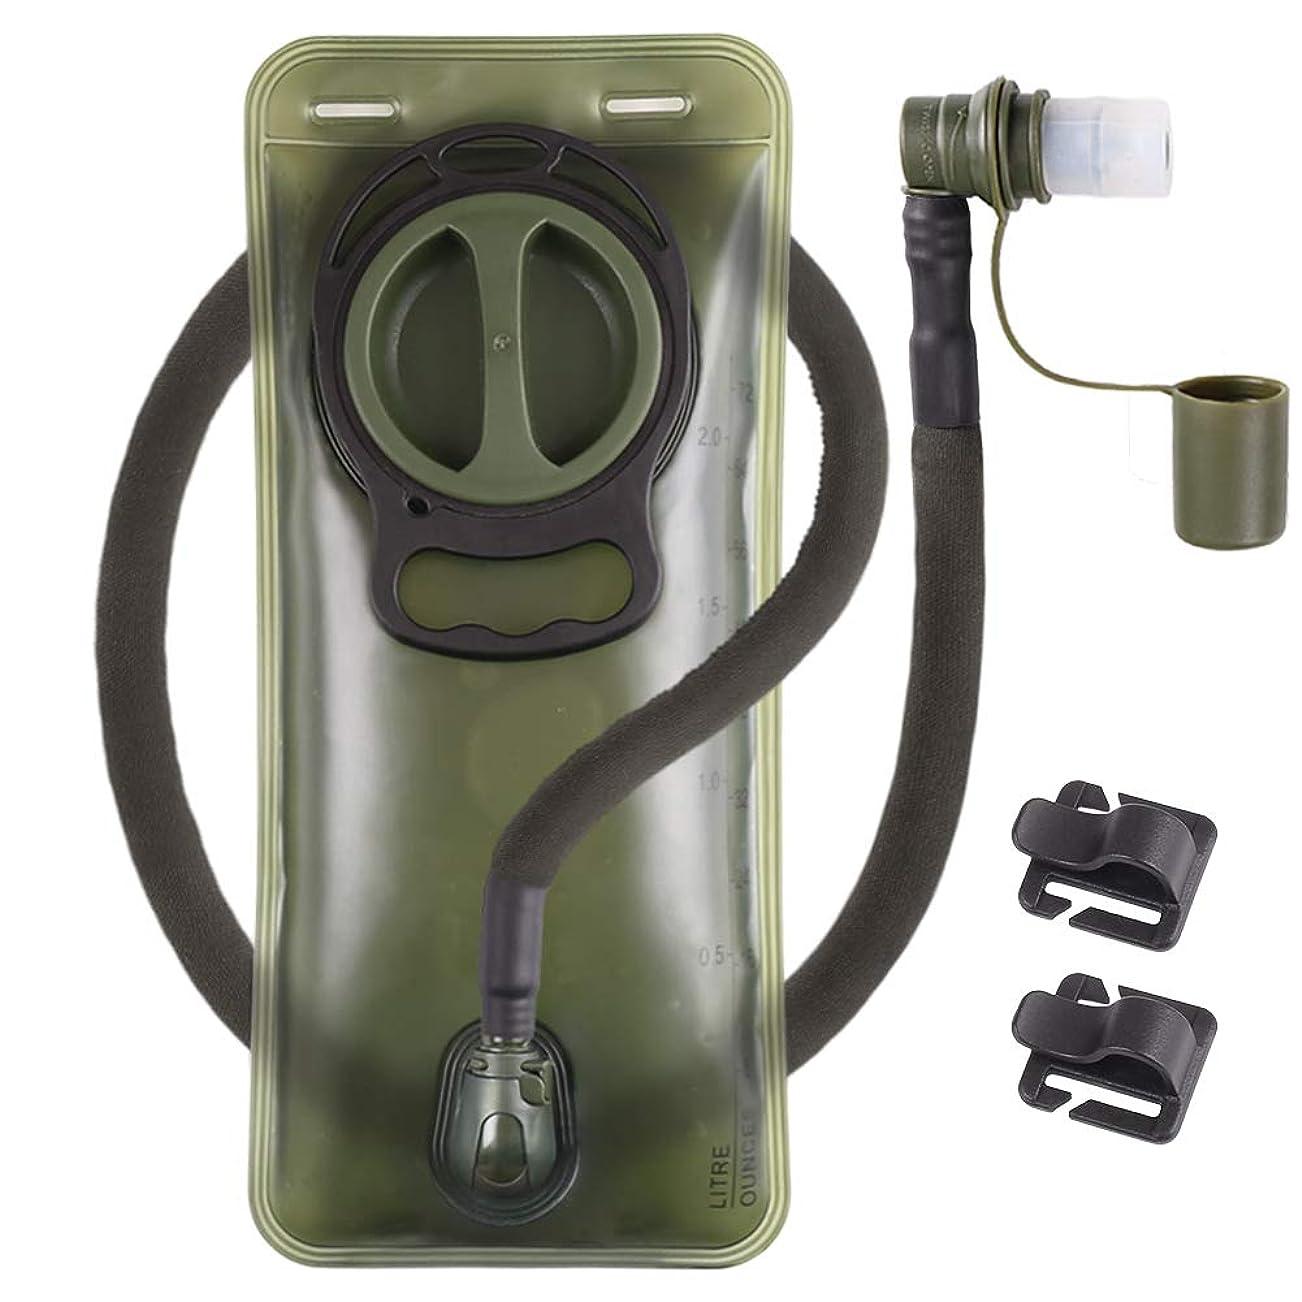 気候の山赤ちゃんタクトハイドレーションブラダー 2L 漏れ防止 2リットル ウォーターリザーバー BPAフリー ミリタリーグリーン ウォーターストレージ ブラダーバッグ 断熱チューブ付き ハイドレーションバックパック 交換用 アウトドア ハイキング キャンプ ランニング サイクリング用